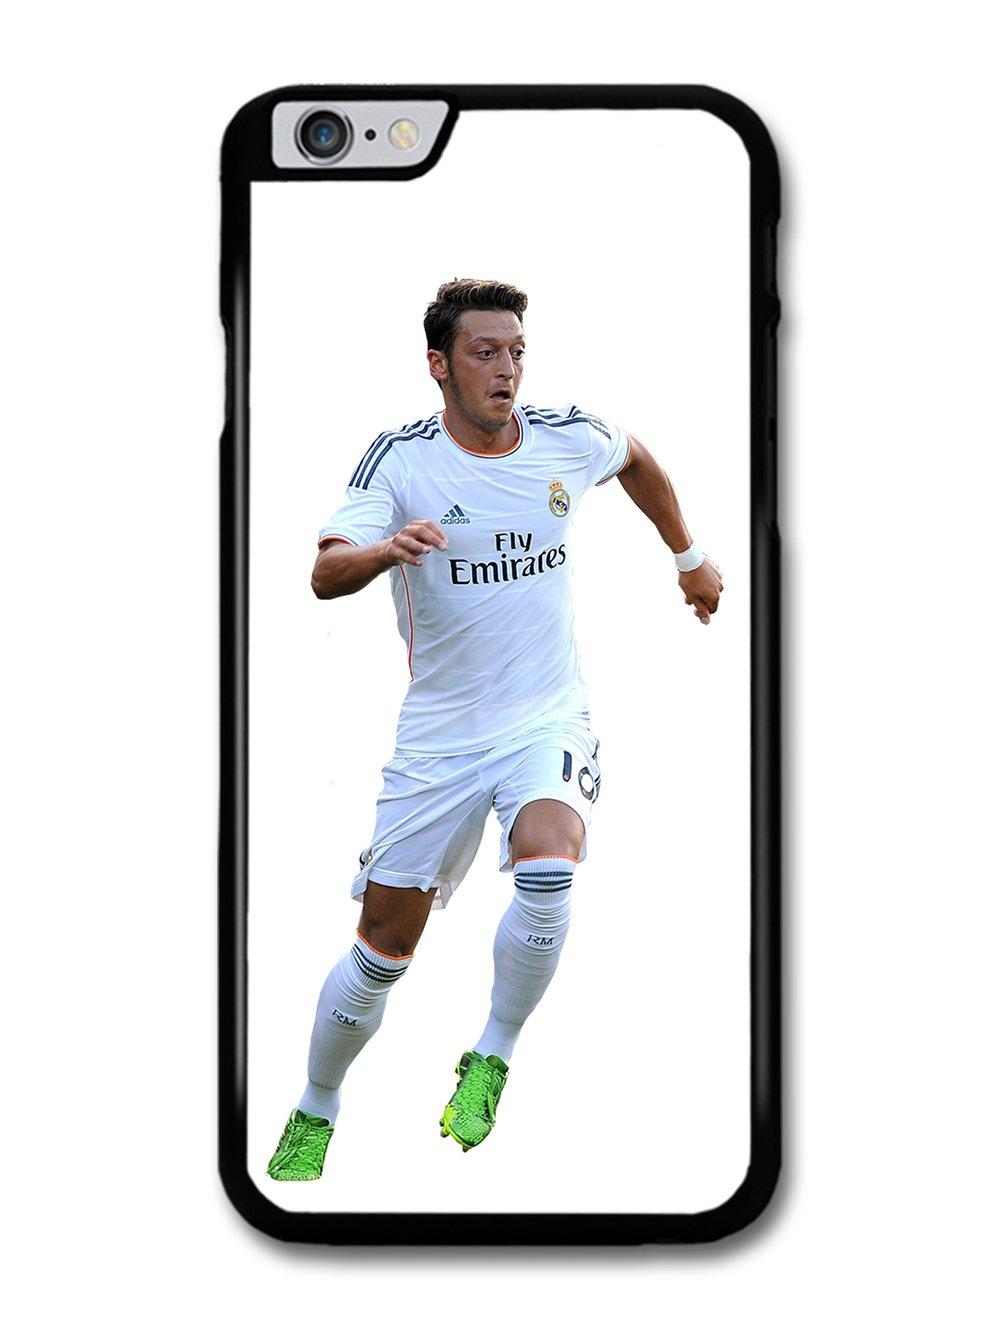 Mesut Özil Real Madrid CF Football Player carcasa de iPhone ...